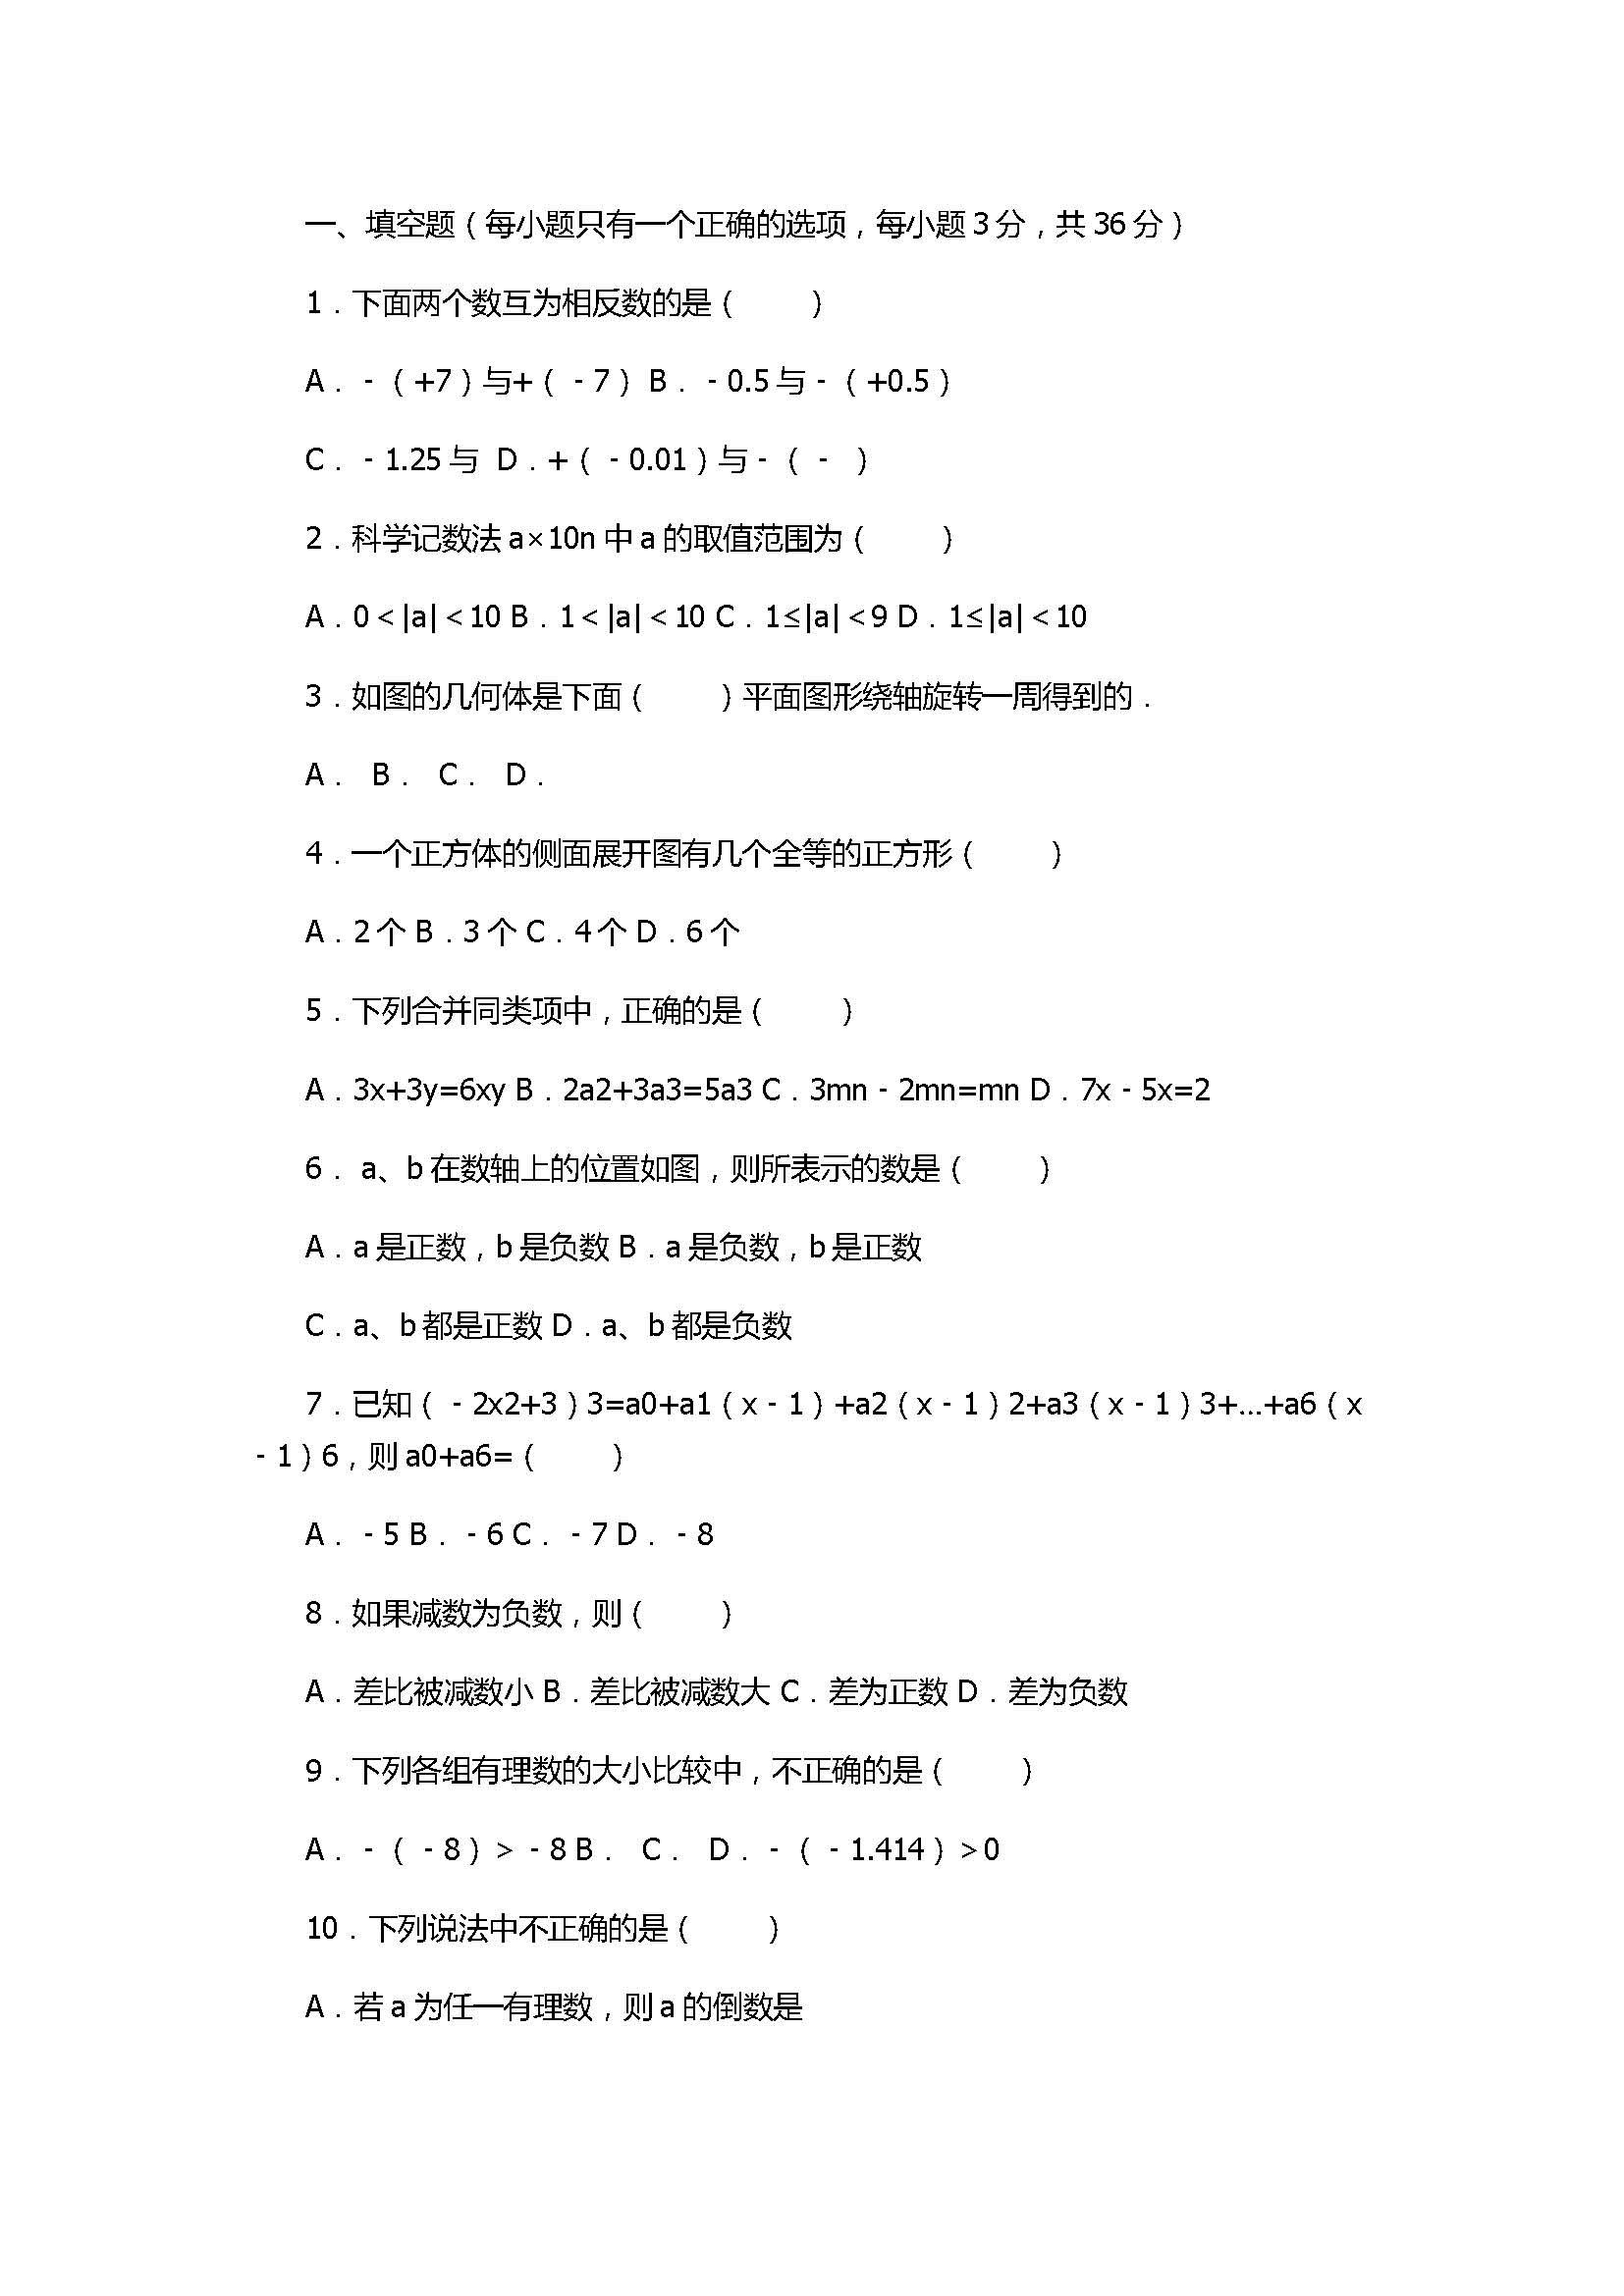 2017七年级数学上册月考测试卷带答案和解释(深圳市宝安区)